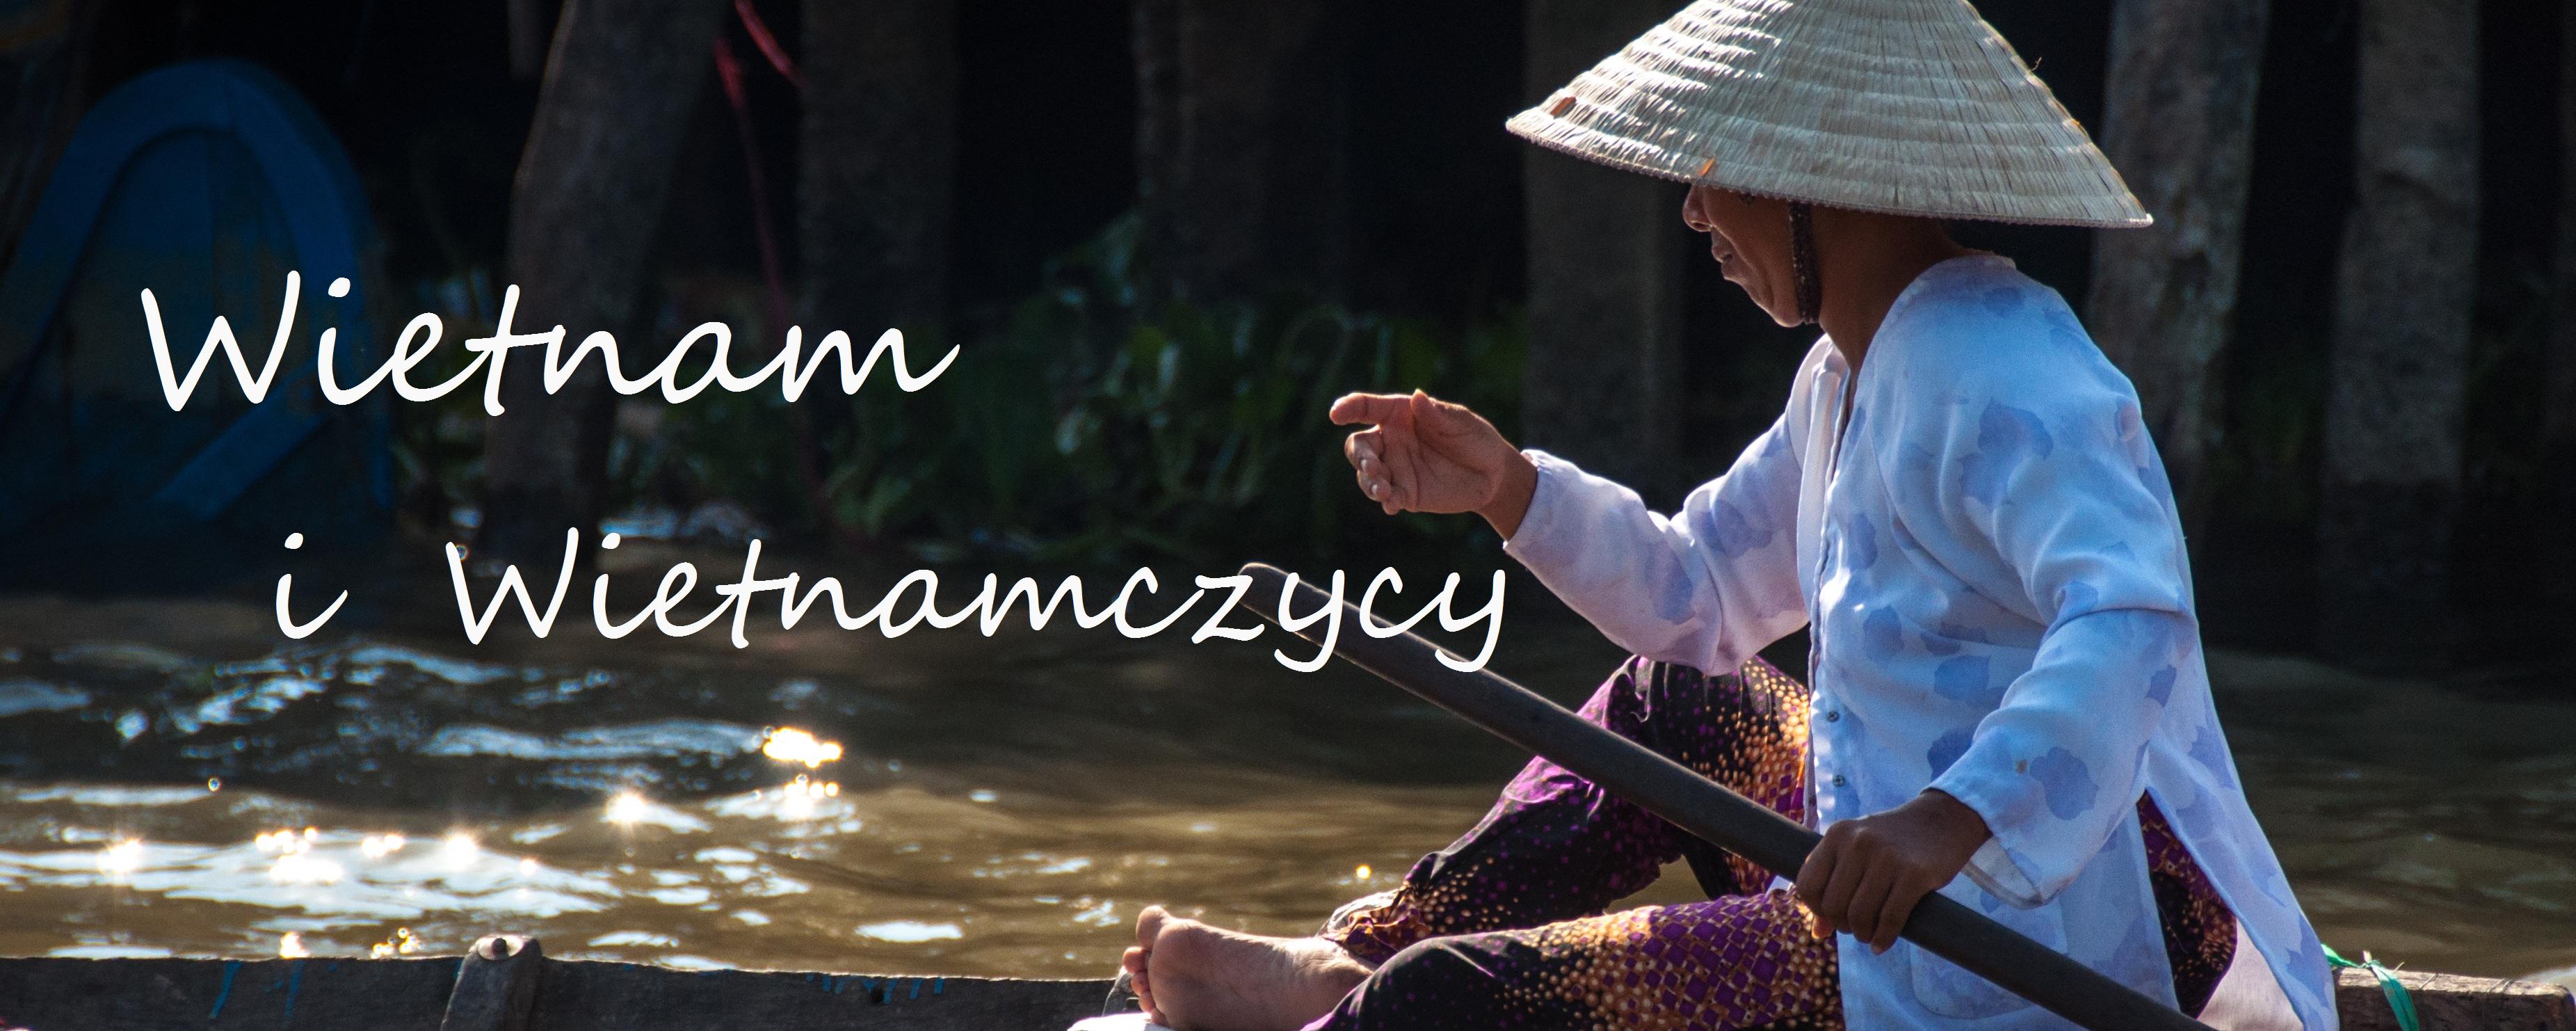 Wietnam iWietnamczycy